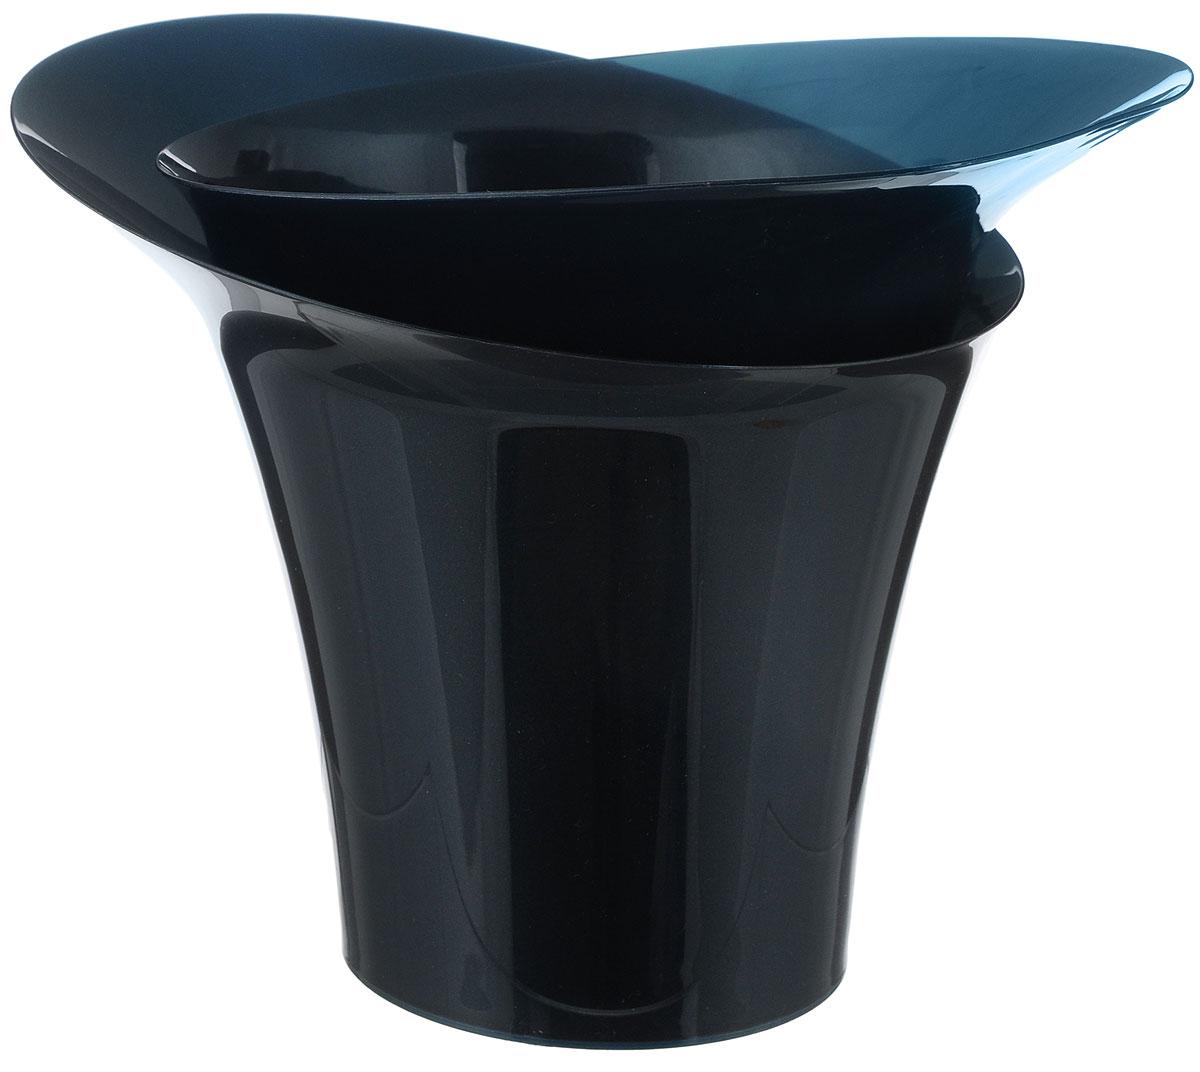 Горшок для цветов Техоснастка Модерн, цвет: темно-синий, 2,5 лПИ-27-3ТХГоршок для цветов Техоснастка Модерн состоит из двух частей, которые изготовлены из пищевого полипропилена высочайшей очистки. Внутренняя часть горшка имеет дренажные и вентиляционные отверстия. Поворачивая части горшка относительно друг друга можно менять внешний вид конструкции.Горшок для цветов Техоснастка Модерн - это оригинальный ассиметричный горшок, который позволяет осуществлять полив растения путем погружения, не используя дополнительные емкости.Летящие формы горшка Техоснастка Модерн внесут современную ноту в ваш интерьер.Размер внутренней части горшка: 26 х 23 х 23 см.Размер внешней части горшка: 26 х 23 х 21 см.